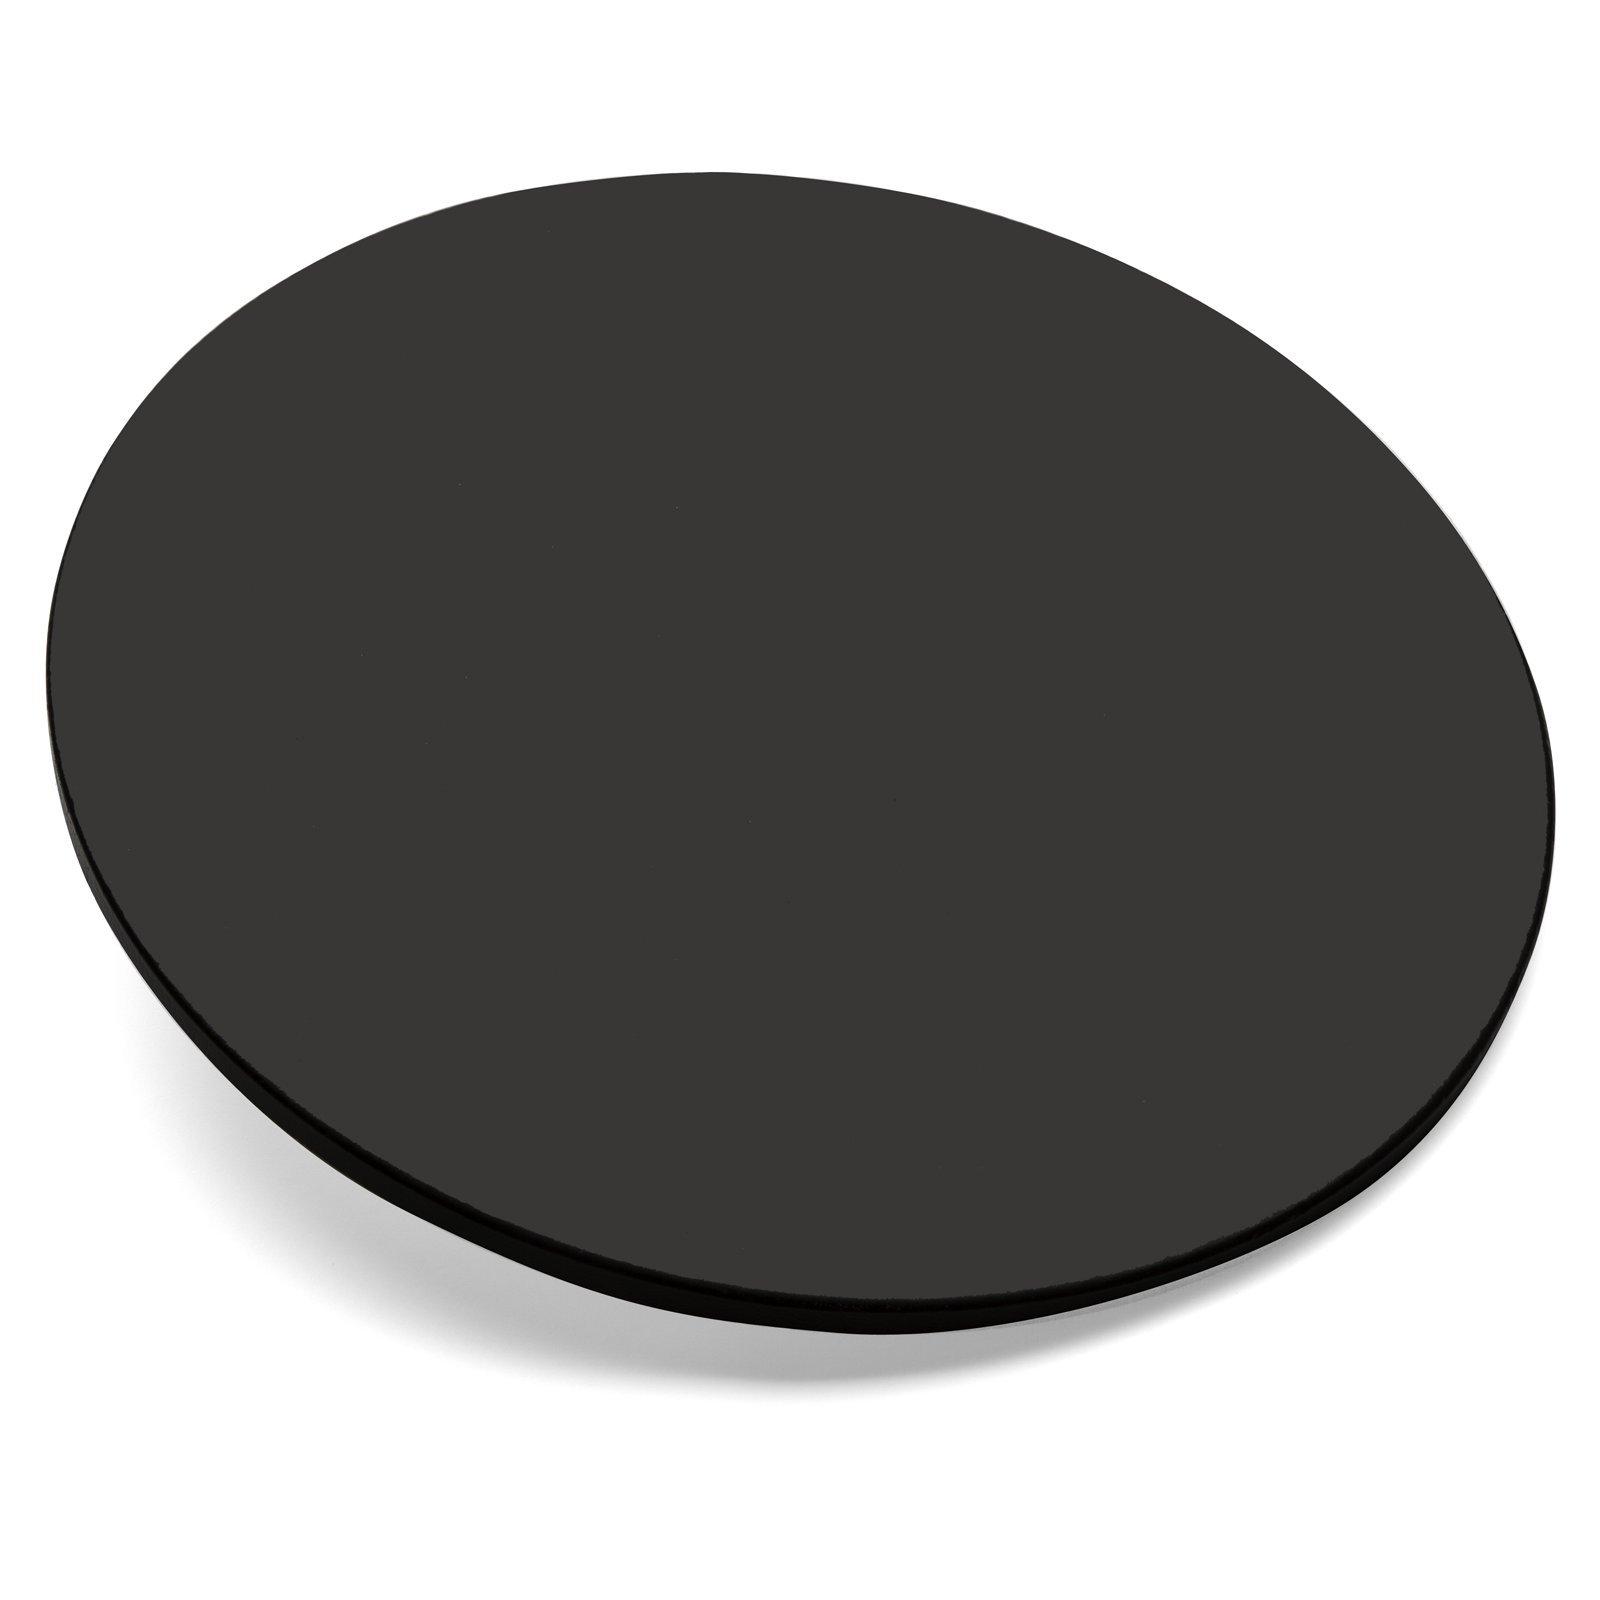 Cuisinart CPS-113 Alfrescamore Ceramic Glazed Cordierite Pizza Stone, Black